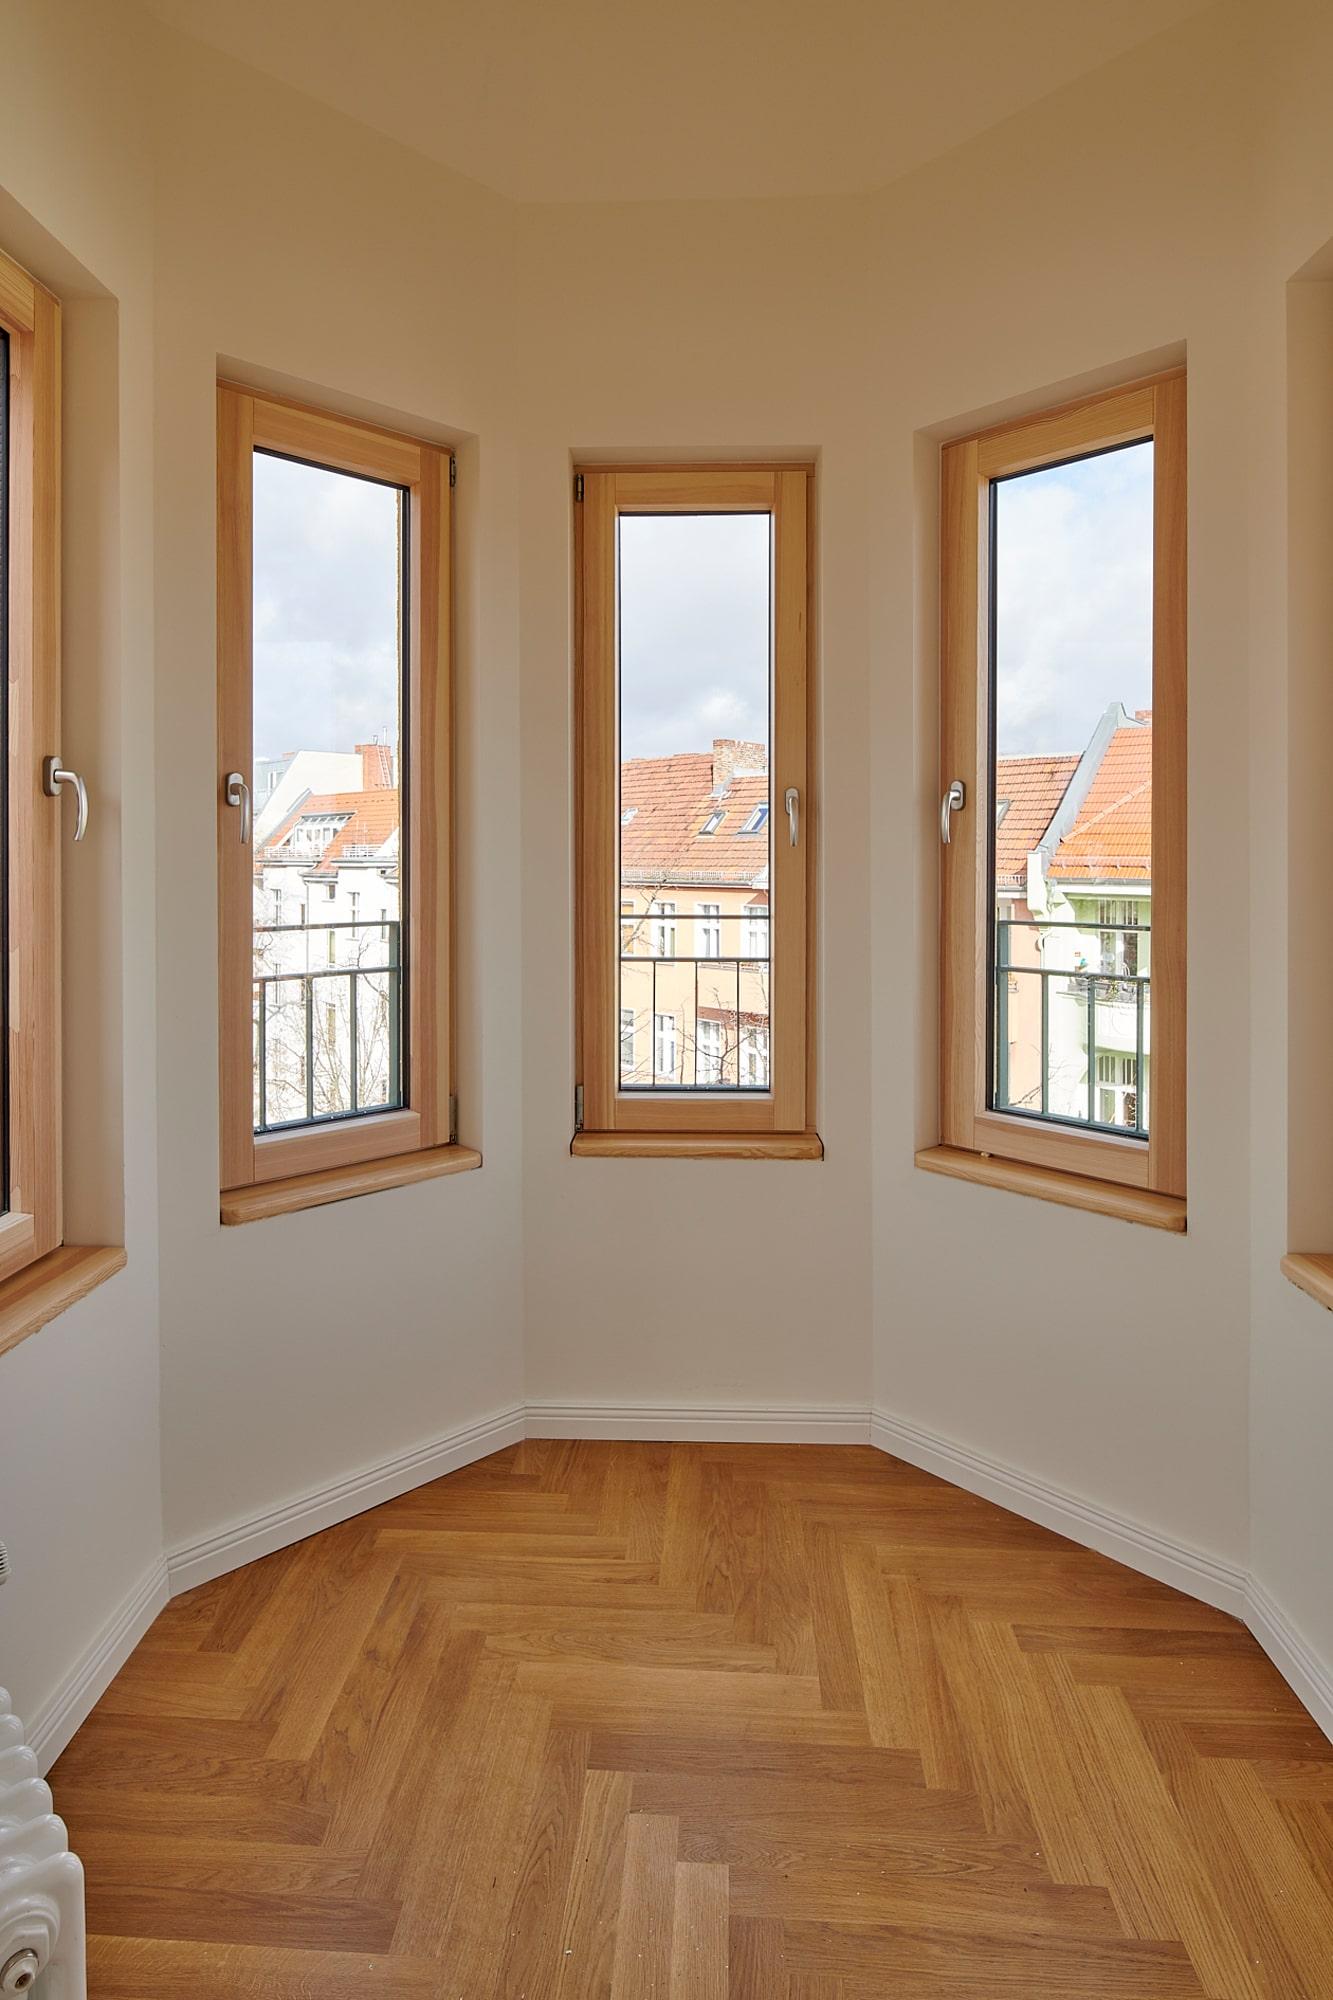 Gabriele Riesner, Architektin, Berlin, Dachgeschossausbau eines Mietshauses in Berlin-Steglitz, Turmzimmer